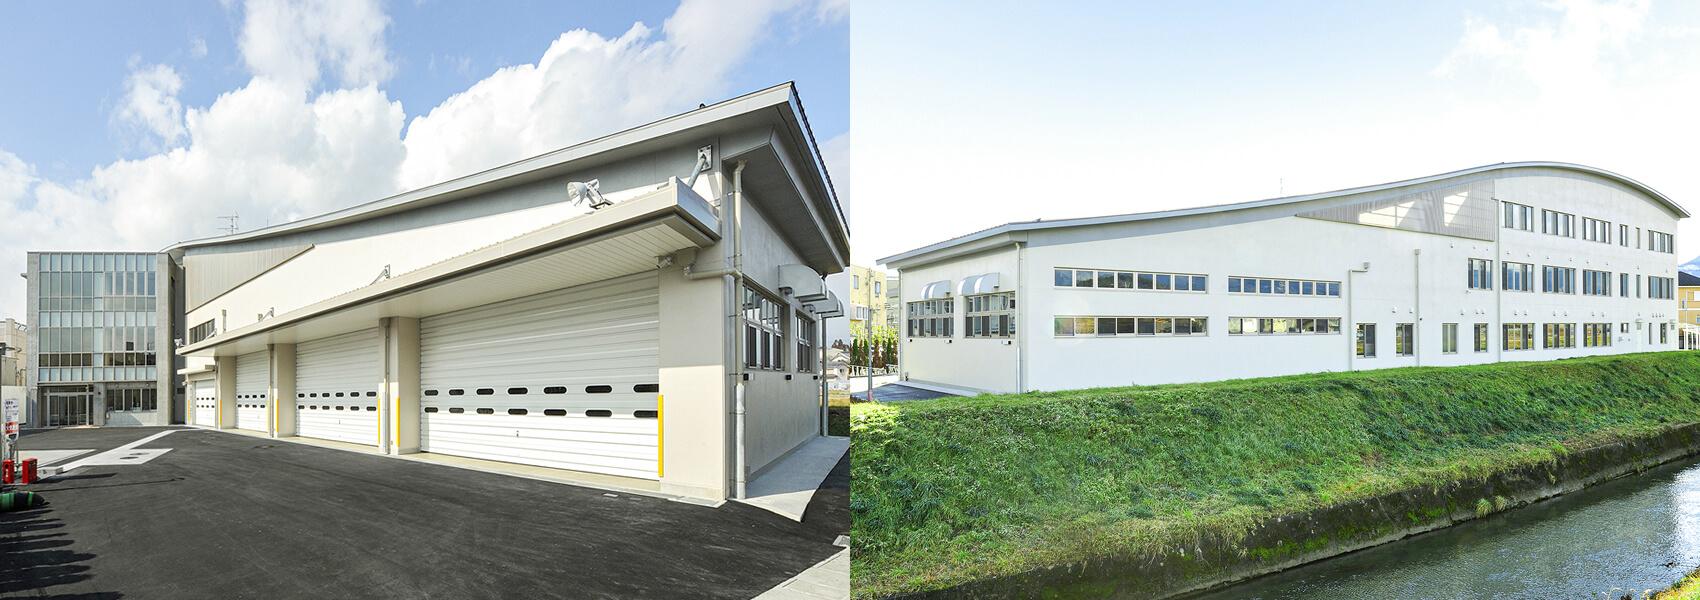 庁舎棟は消防特殊車両の基地になっている